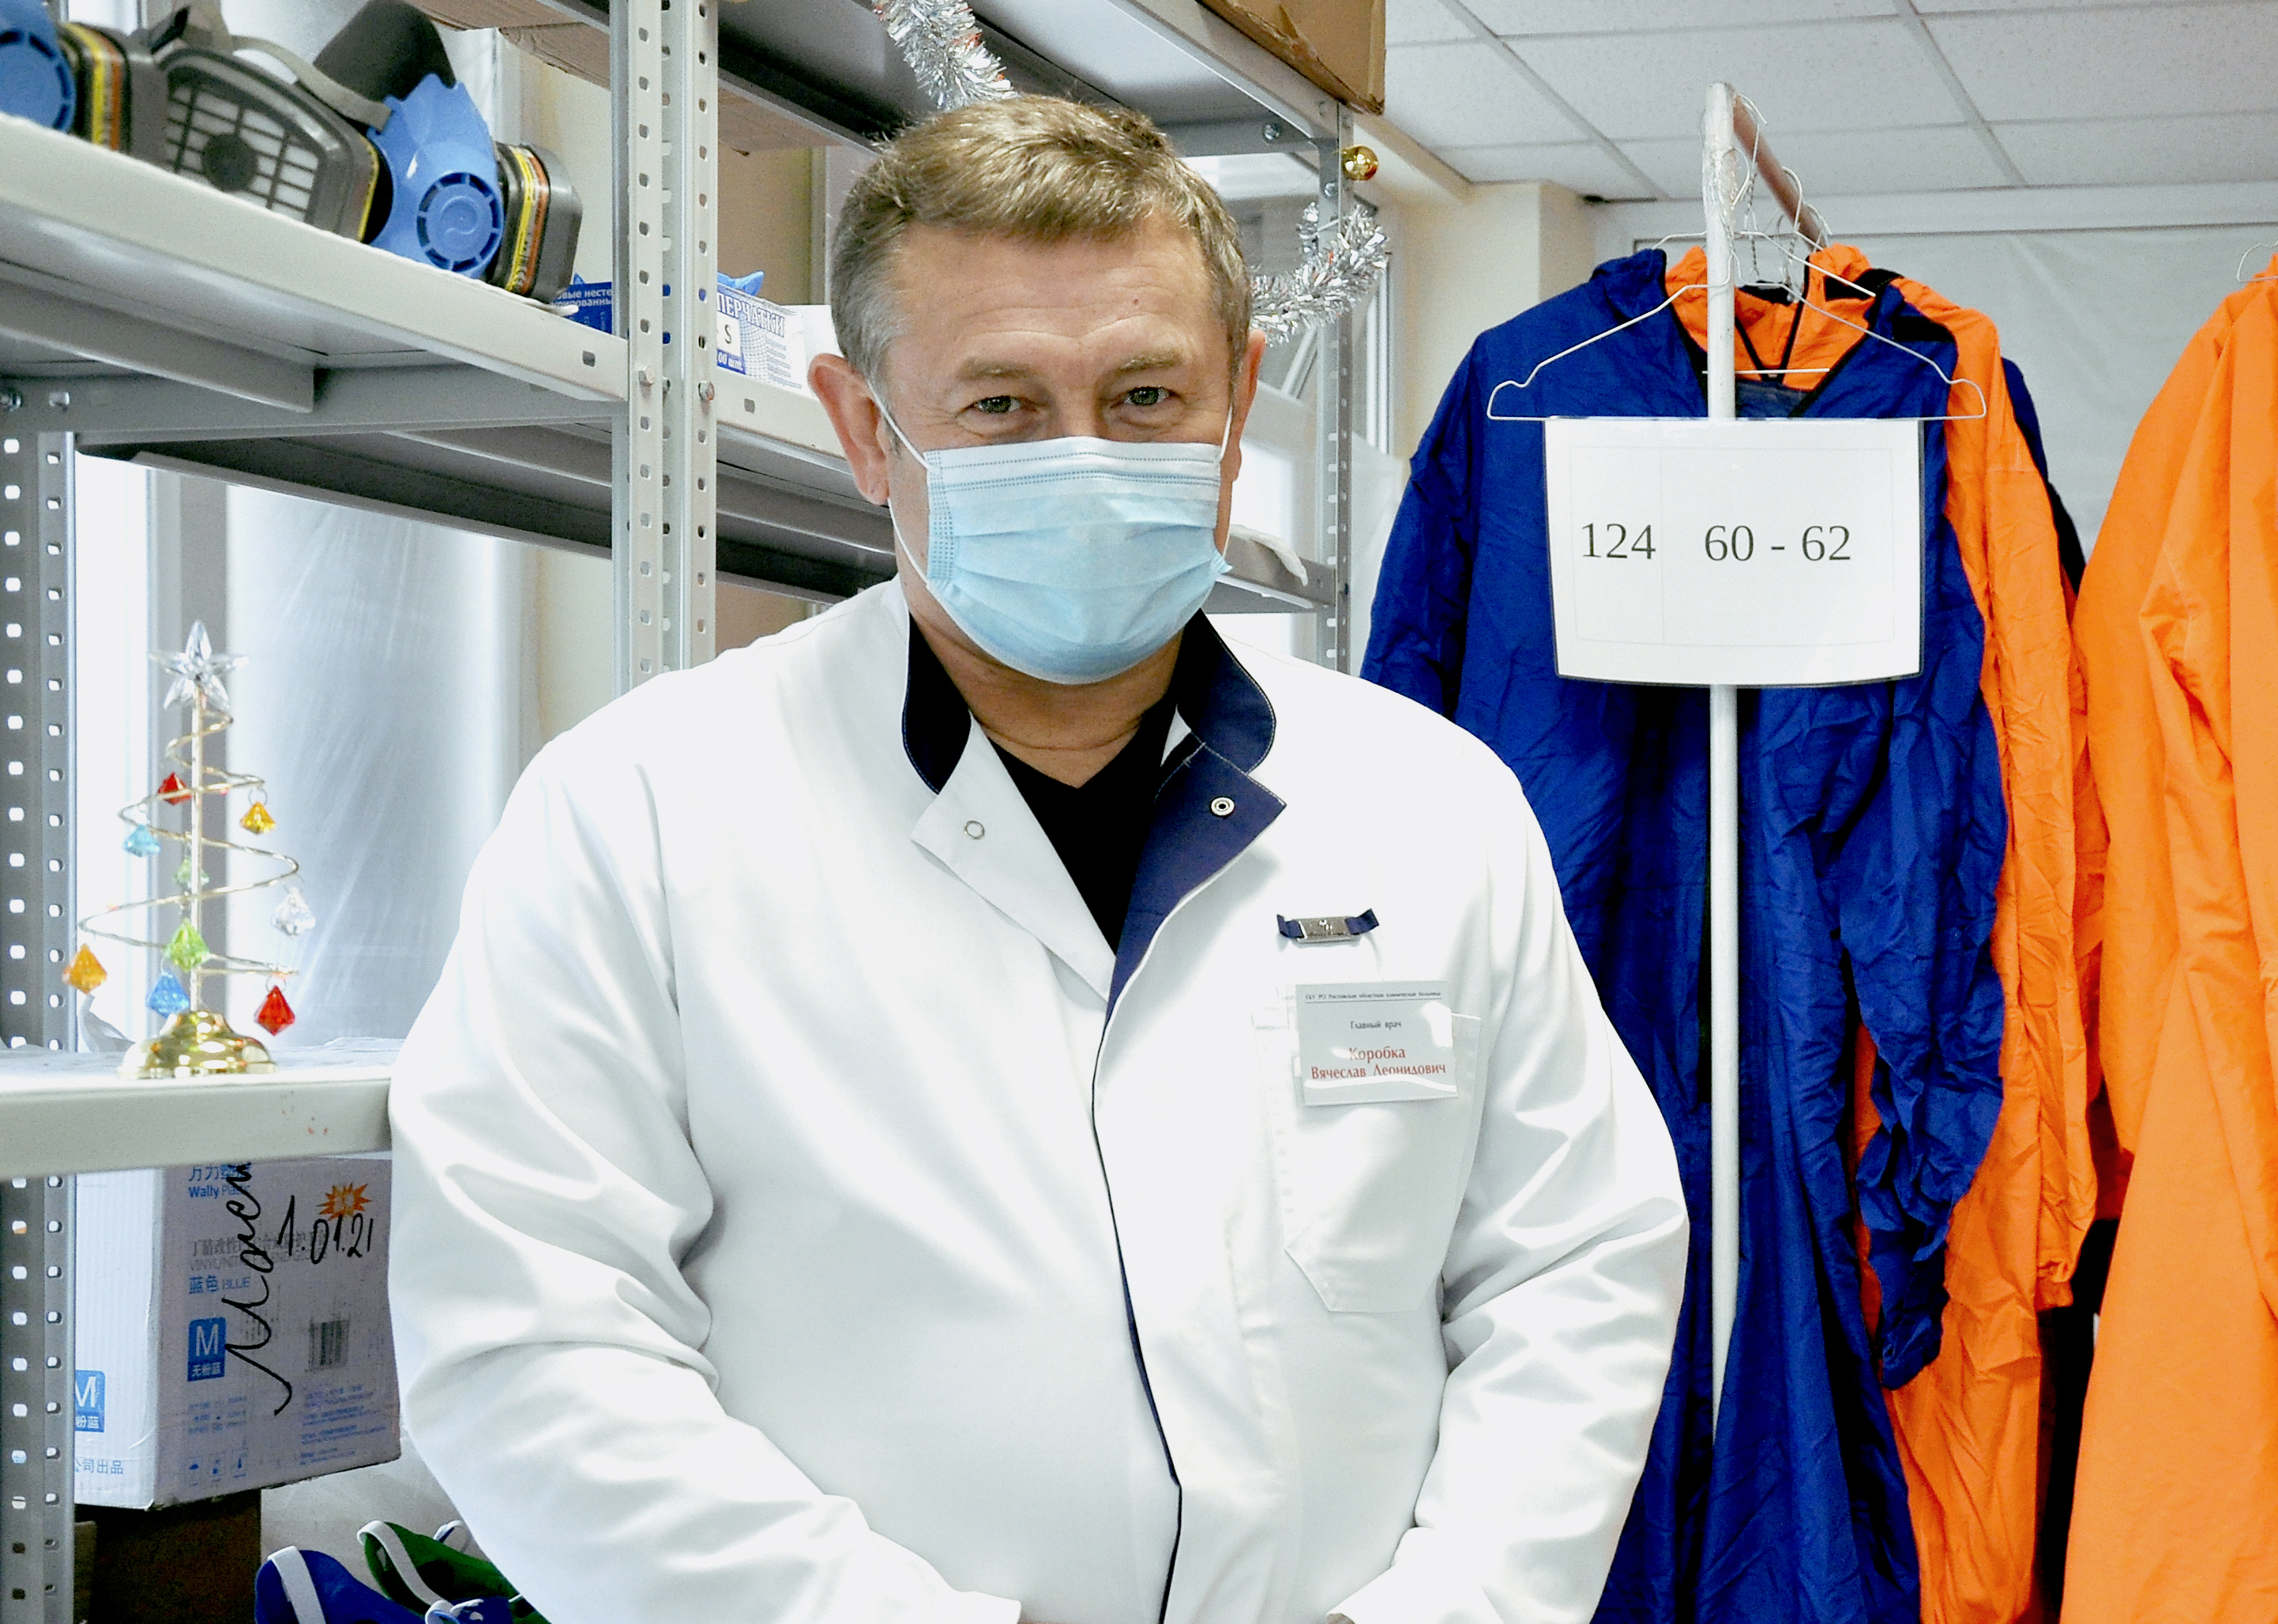 Вячеслав Коробка привился первым в больнице